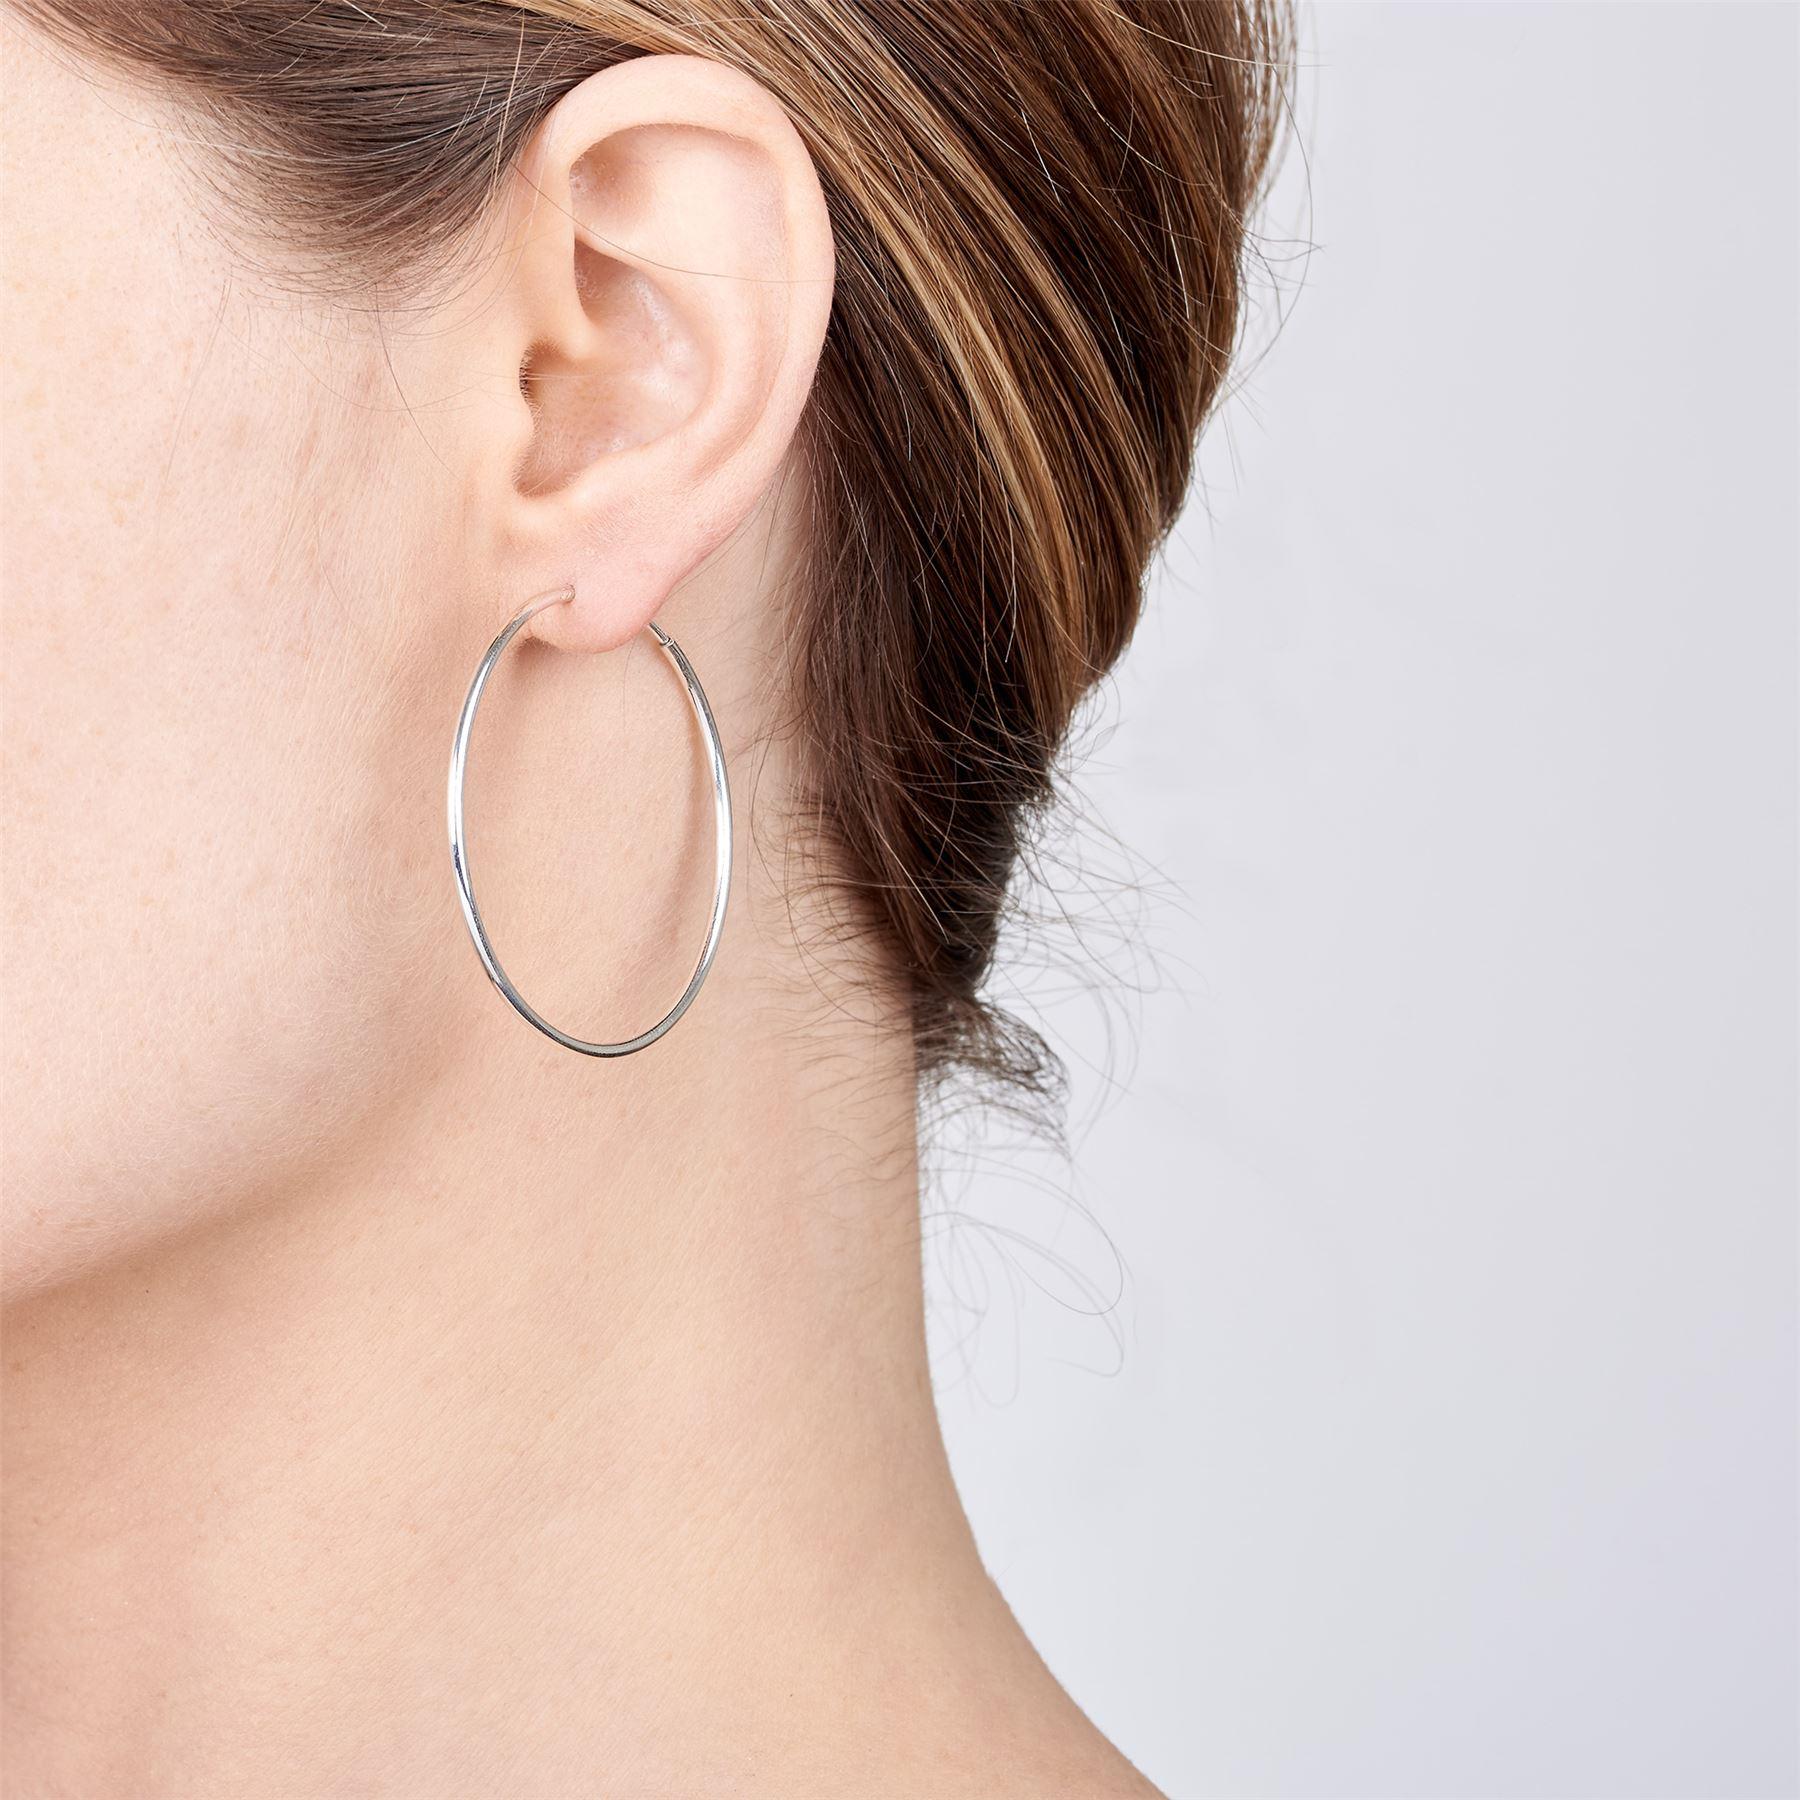 Amberta-Pendientes-para-Mujer-Aros-en-Plata-De-Ley-925-Autentica-Estilo-Clasico miniatura 36